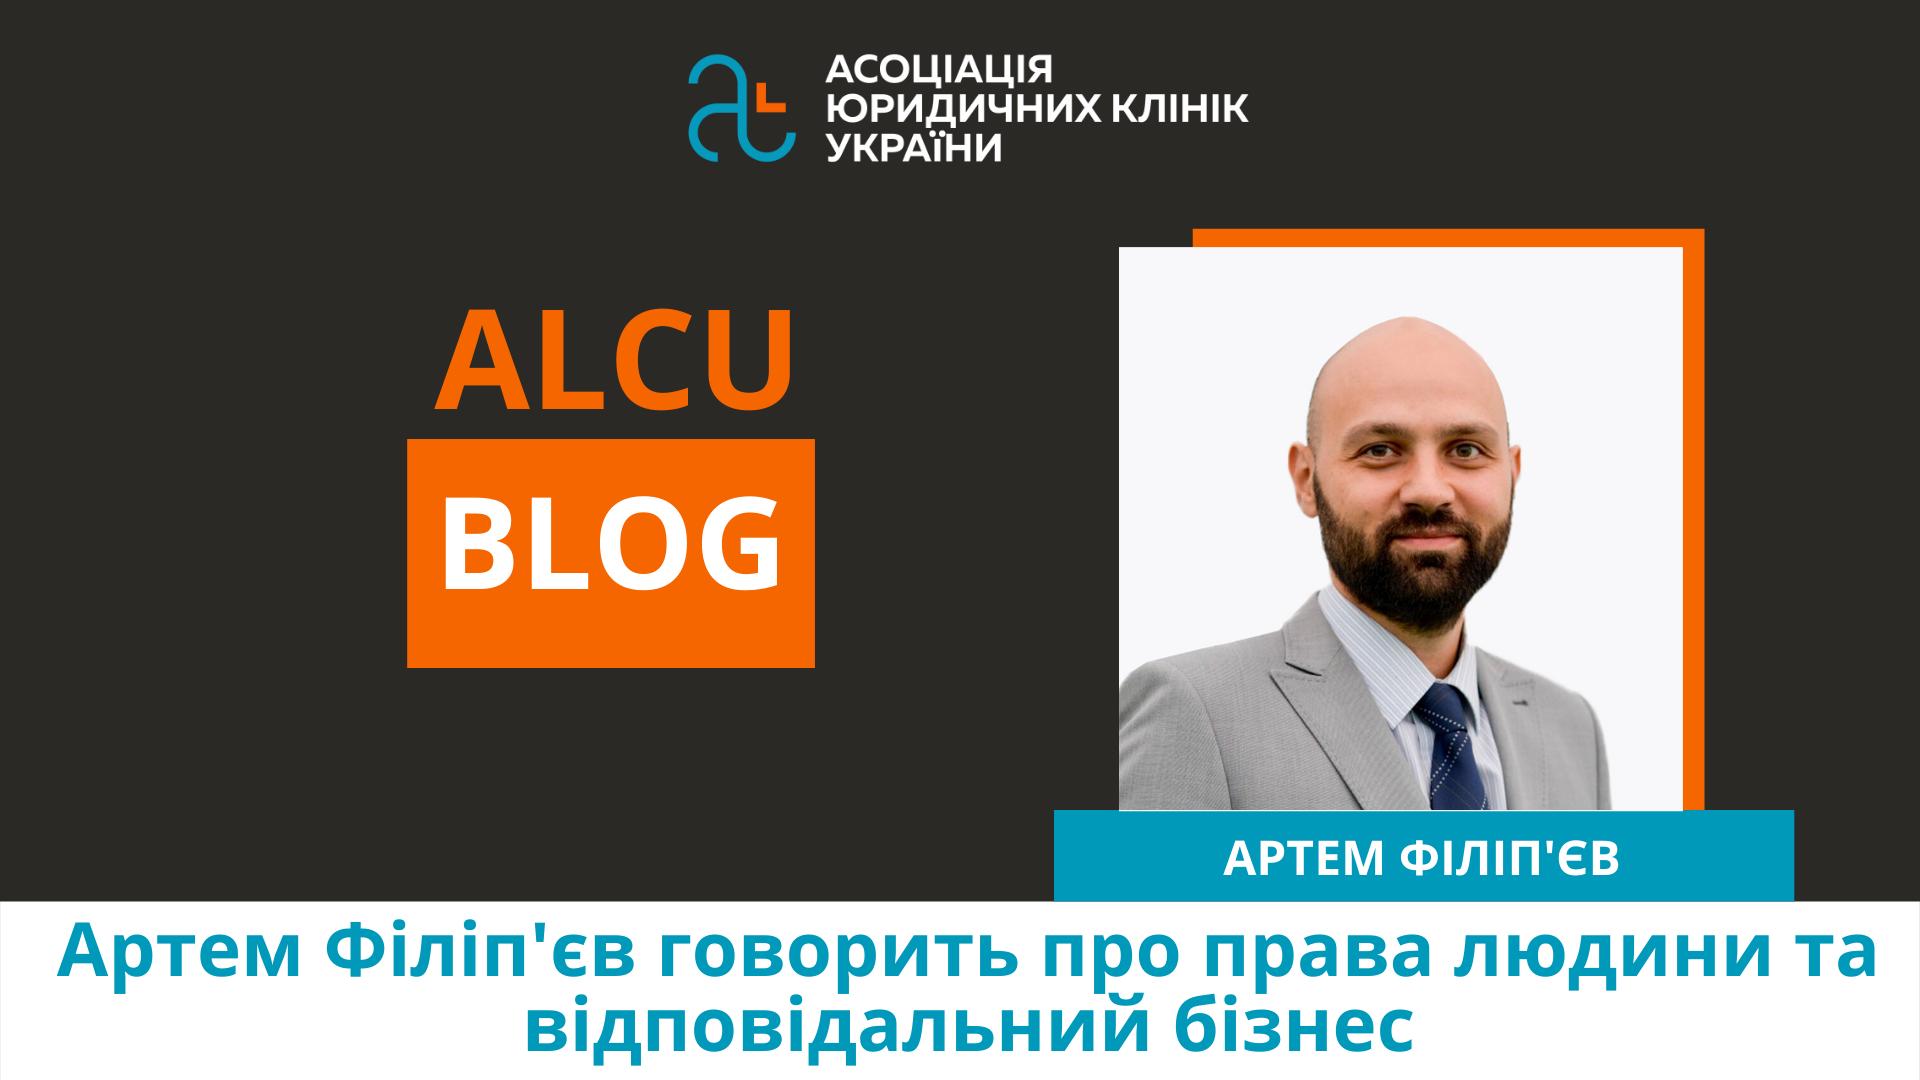 Артем Філіп'єв говорить про права людини та відповідальний бізнес